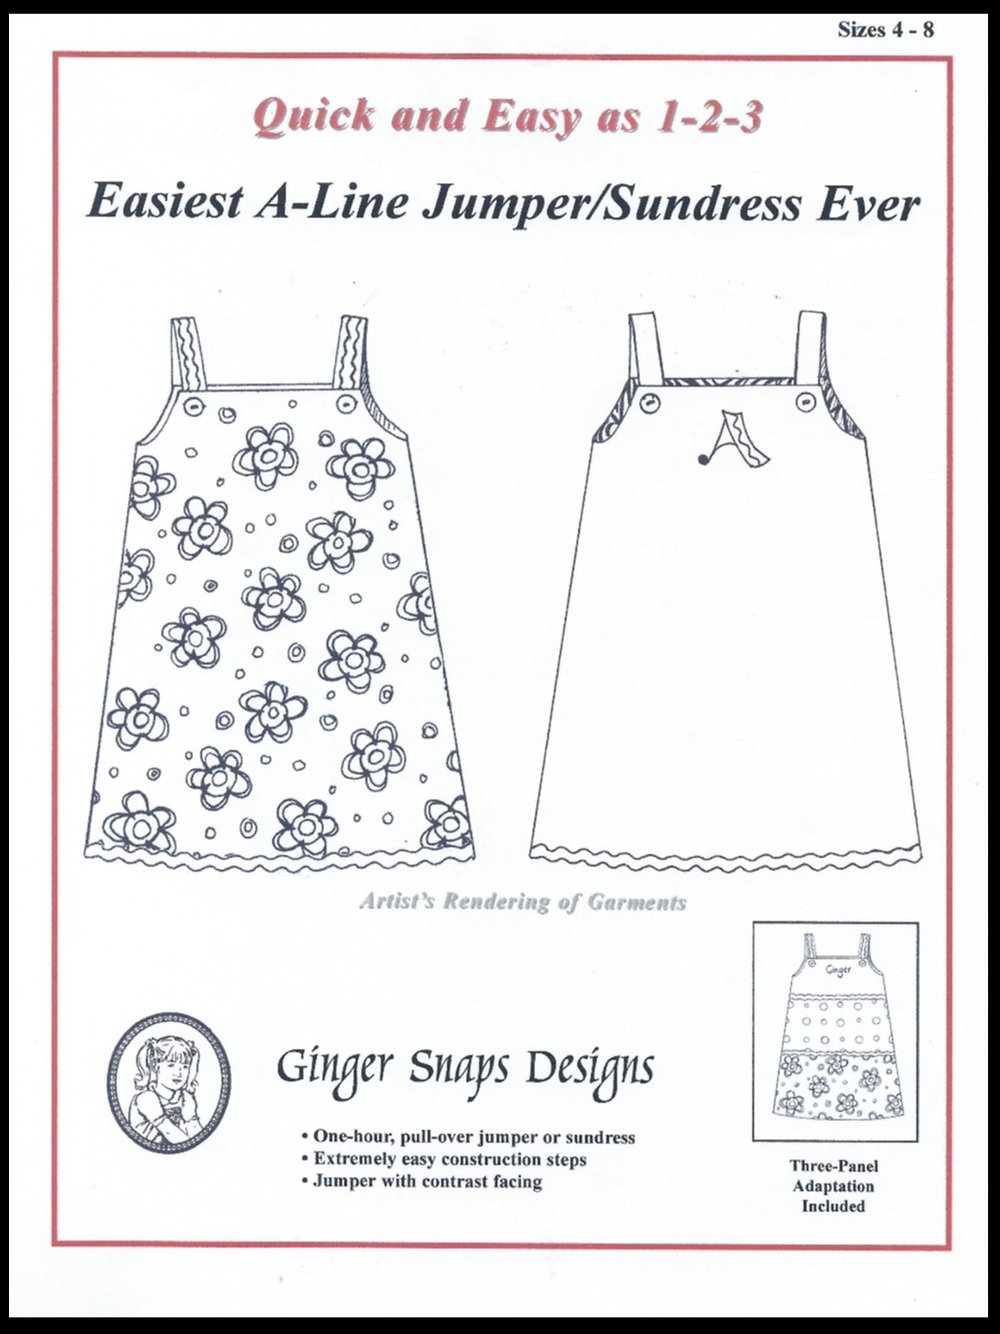 Ginger Snaps Designs Easiest A-Line Jumper/Sundress